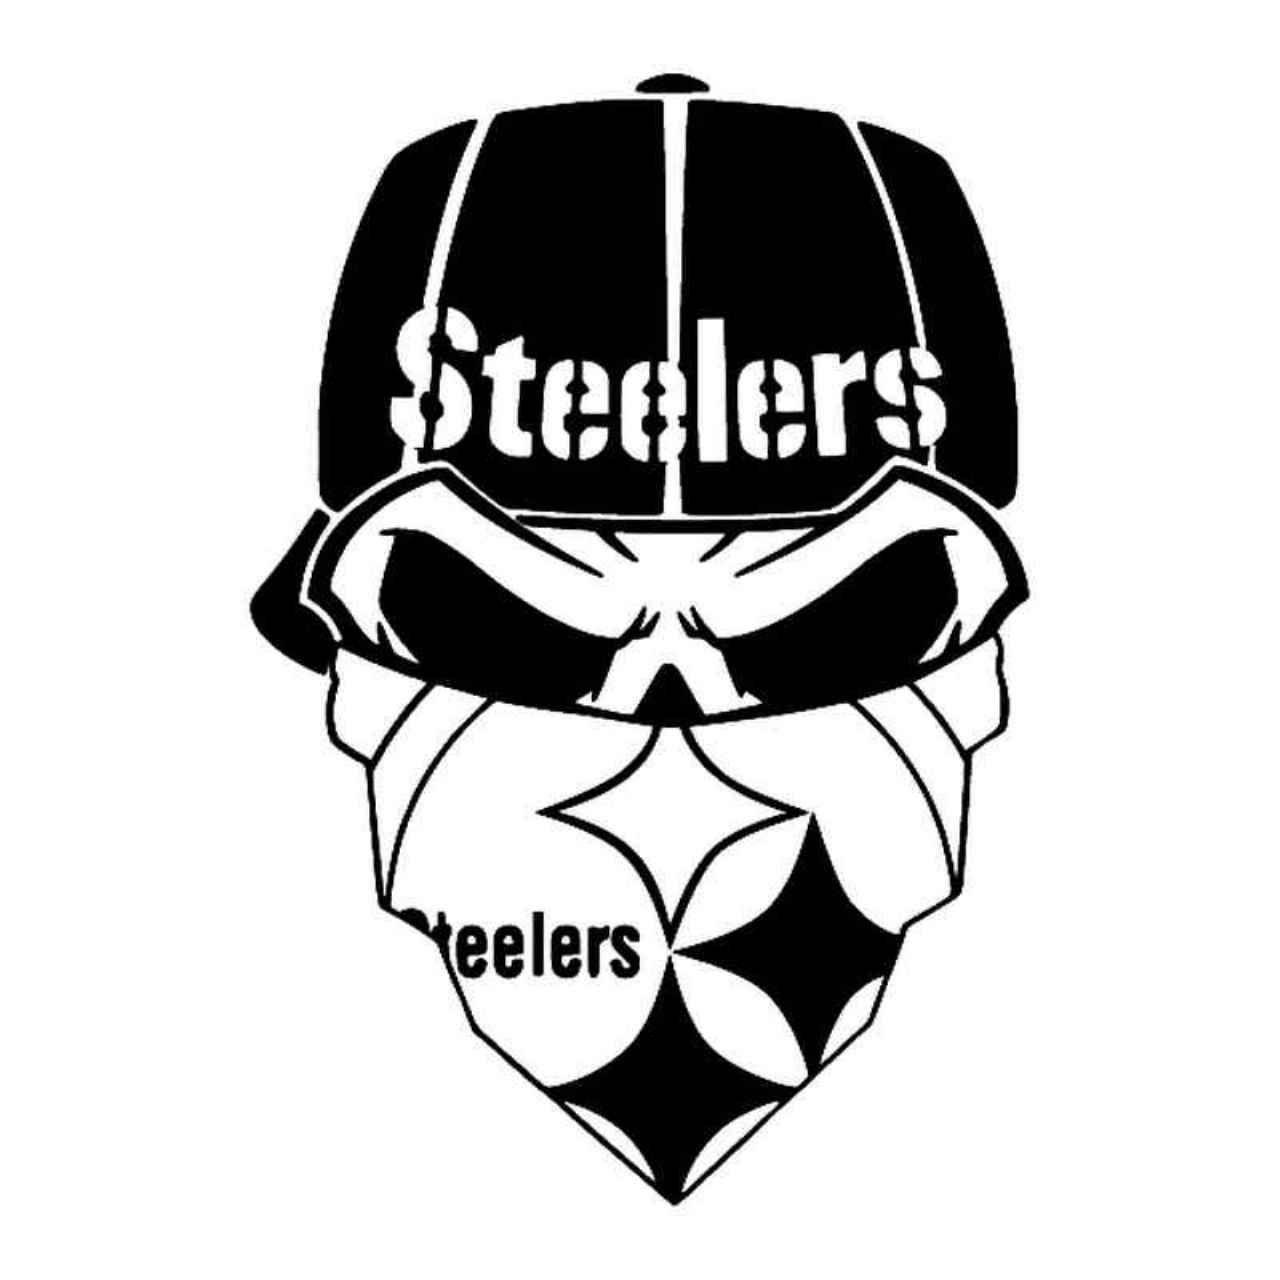 Steelers Skull Maskouter Vinyl Decal Sticker Ballzbeatz